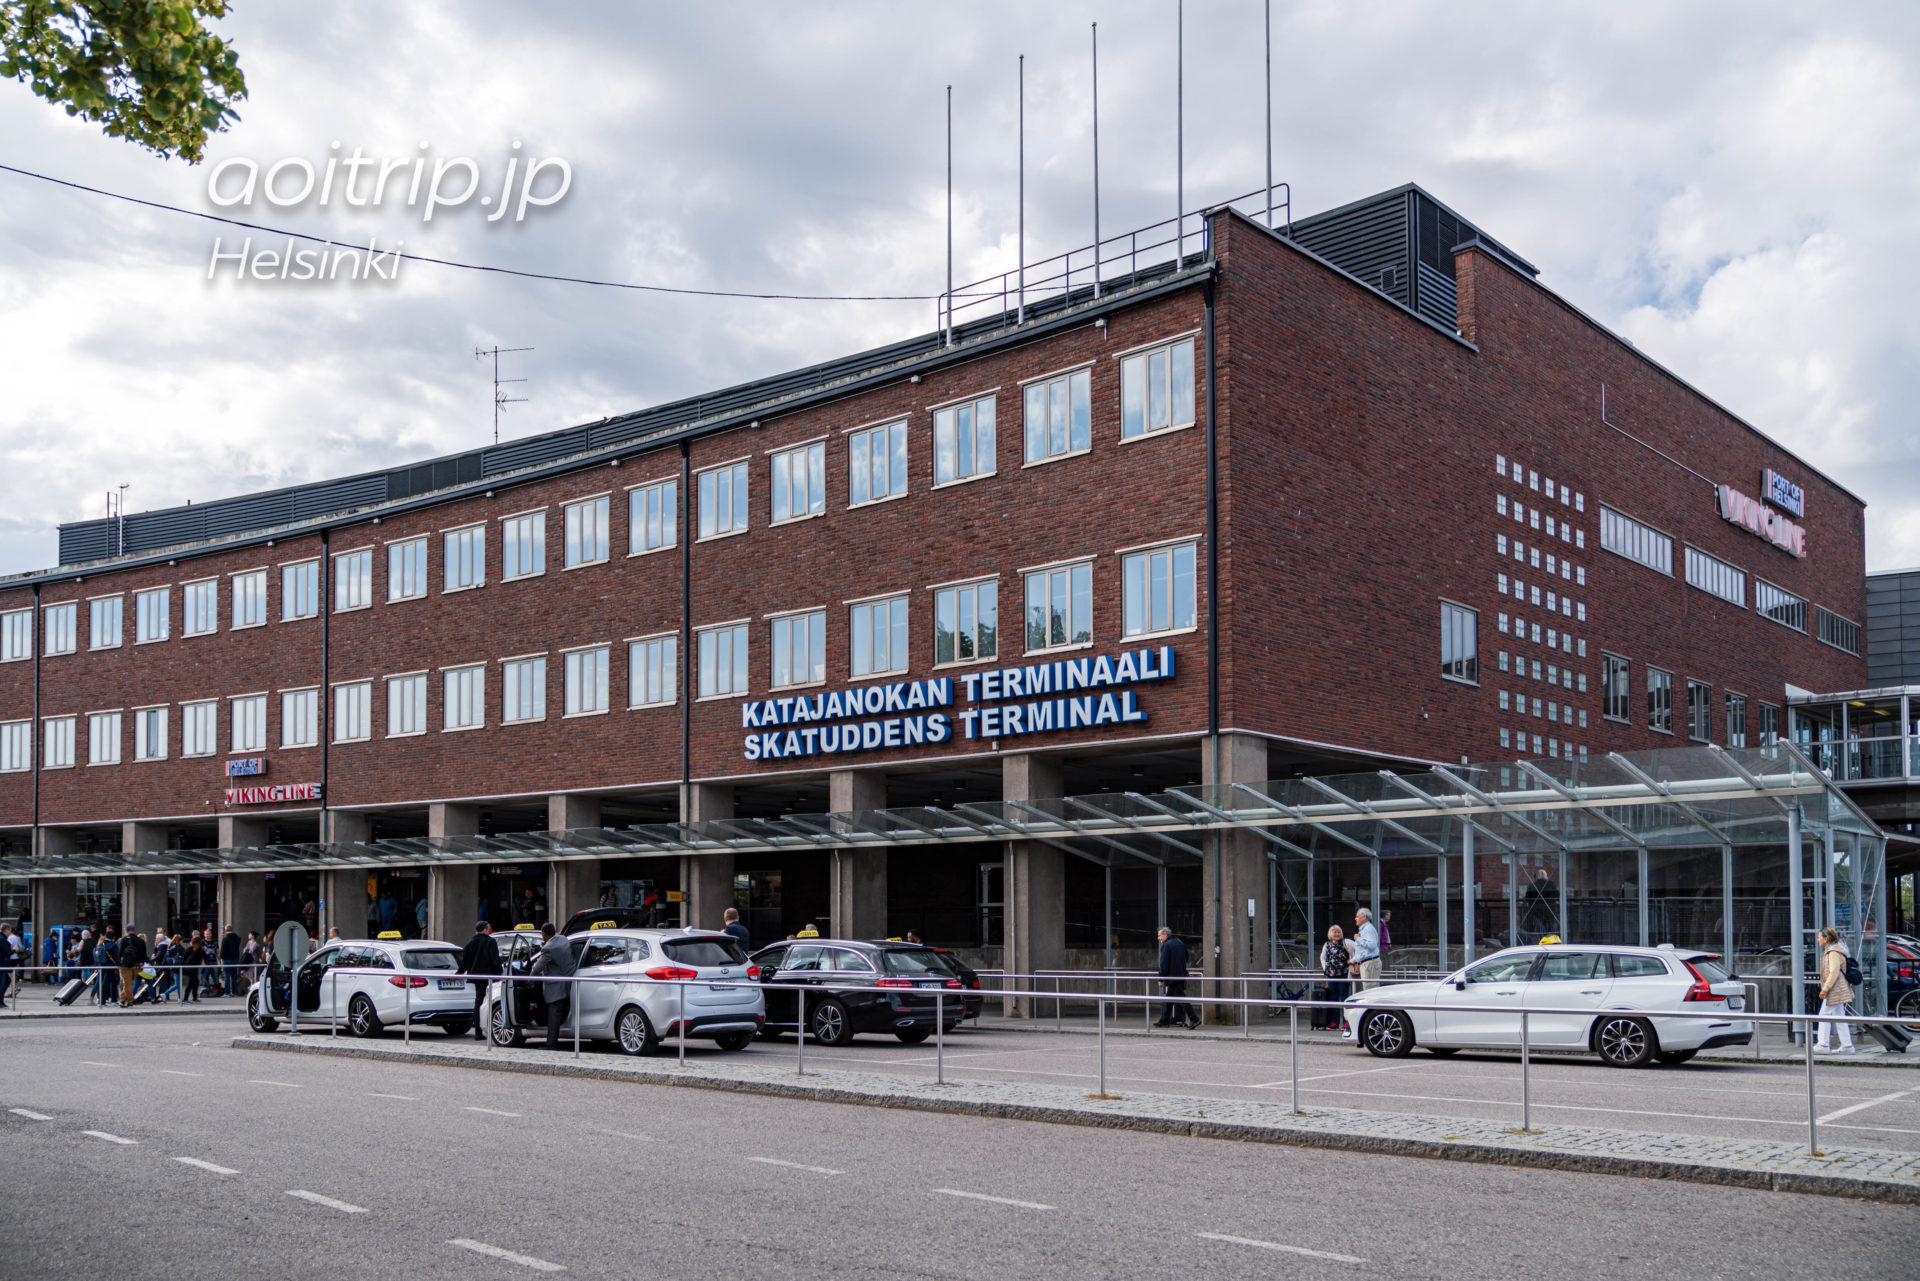 ヴァイキングライン Viking Lineのフェリー乗り場「Skatuddens Terminal(スカツデンツ ターミナル)」